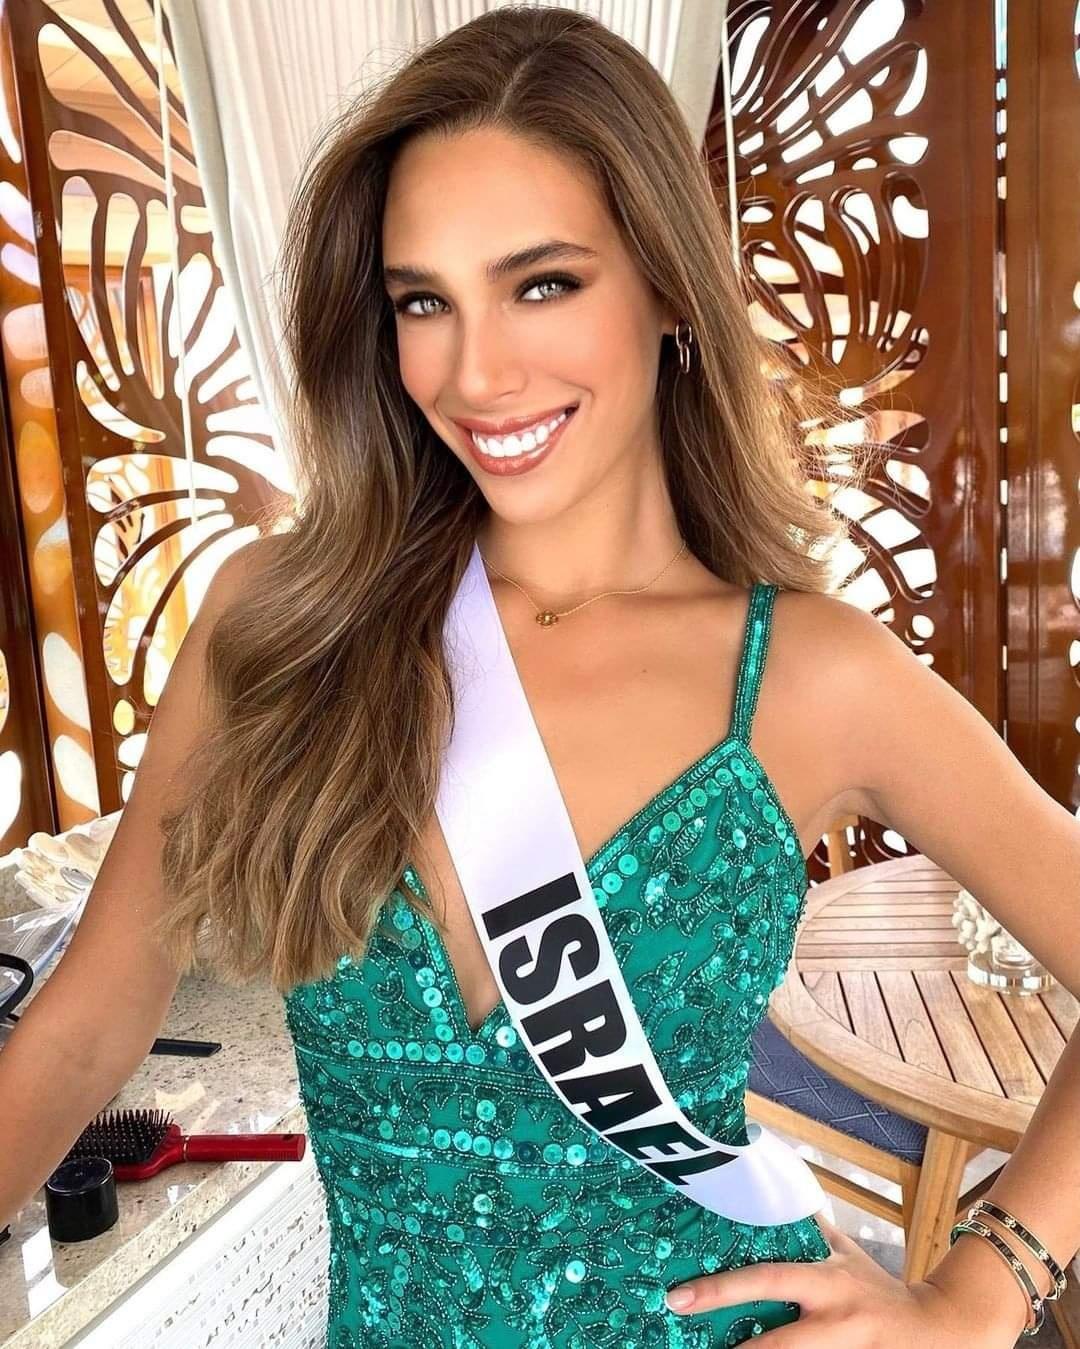 Đại diện Israel bỏ ngang vòng thi bán kết Hoa hậu Hoàn vũ - Ảnh 1.